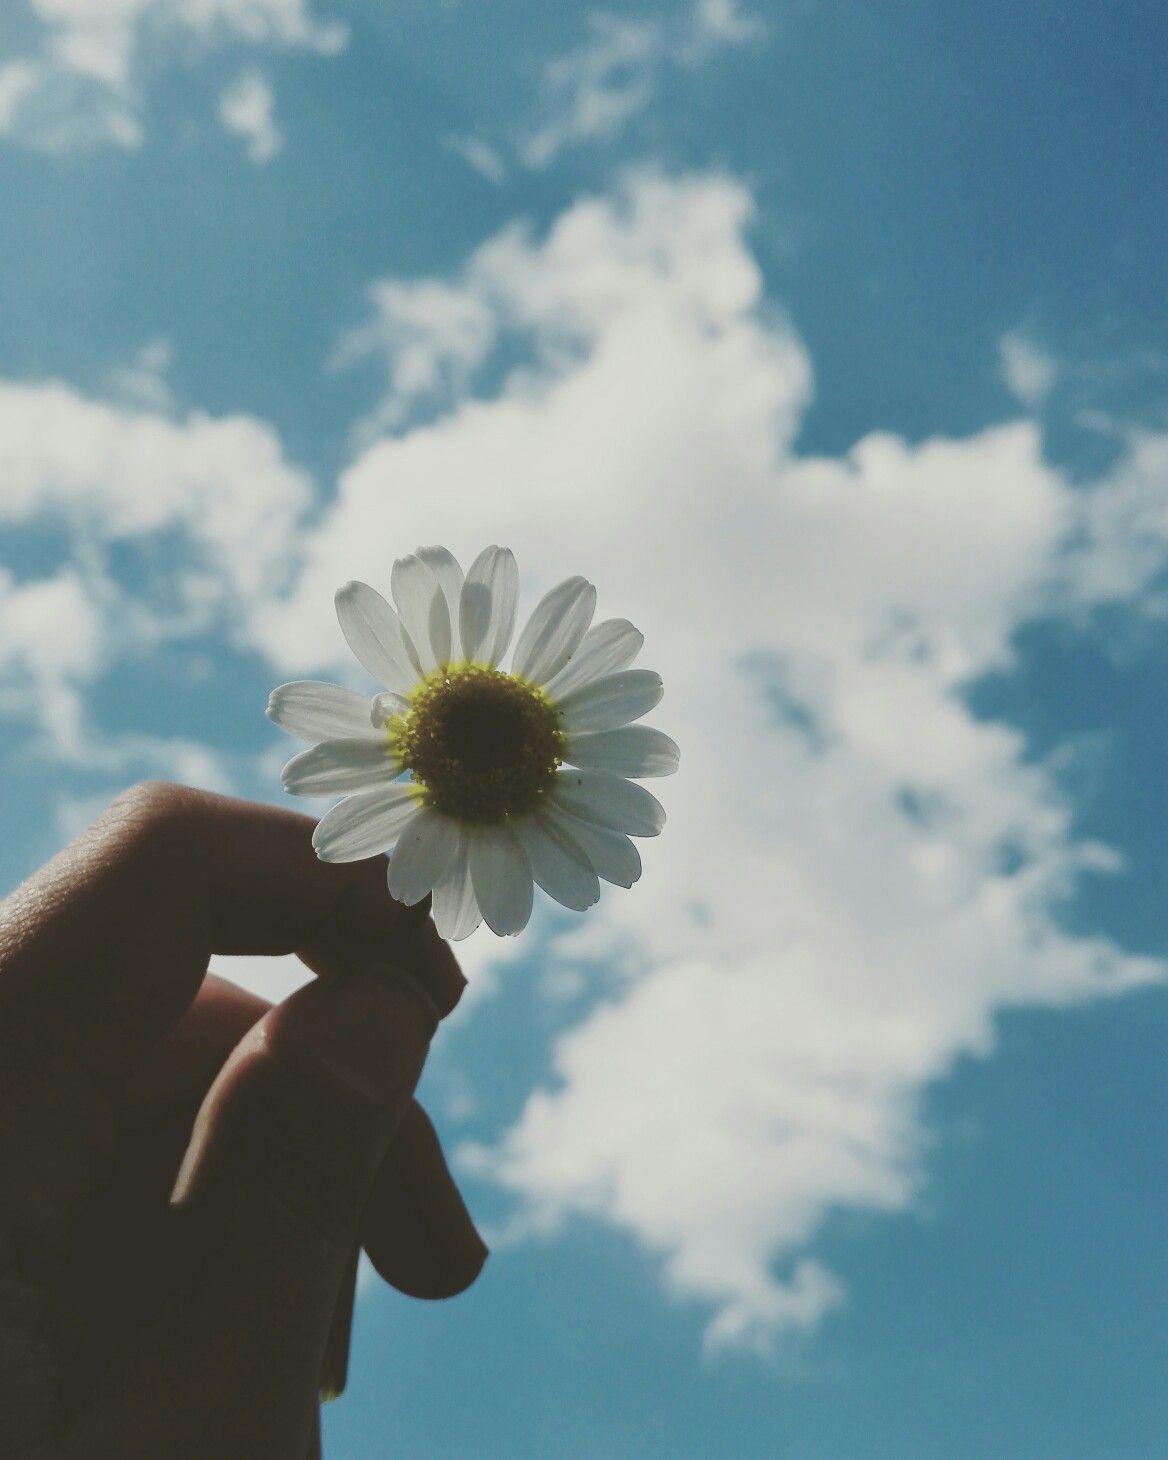 Ngày anh đến bầu trời xanh một màu rất đẹp Hoa Đẹp, Hình Nền Iphone